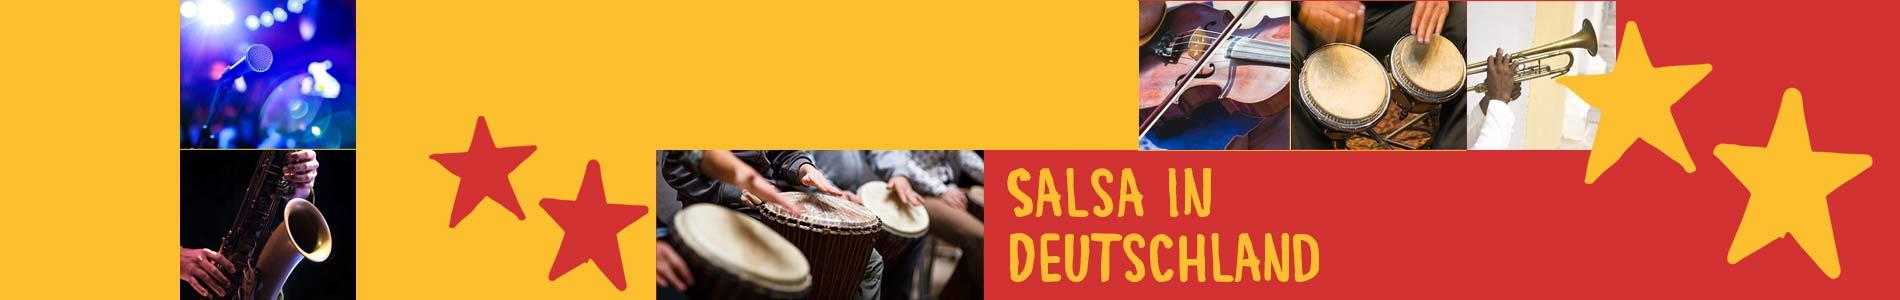 Salsa in Chieming – Salsa lernen und tanzen, Tanzkurse, Partys, Veranstaltungen